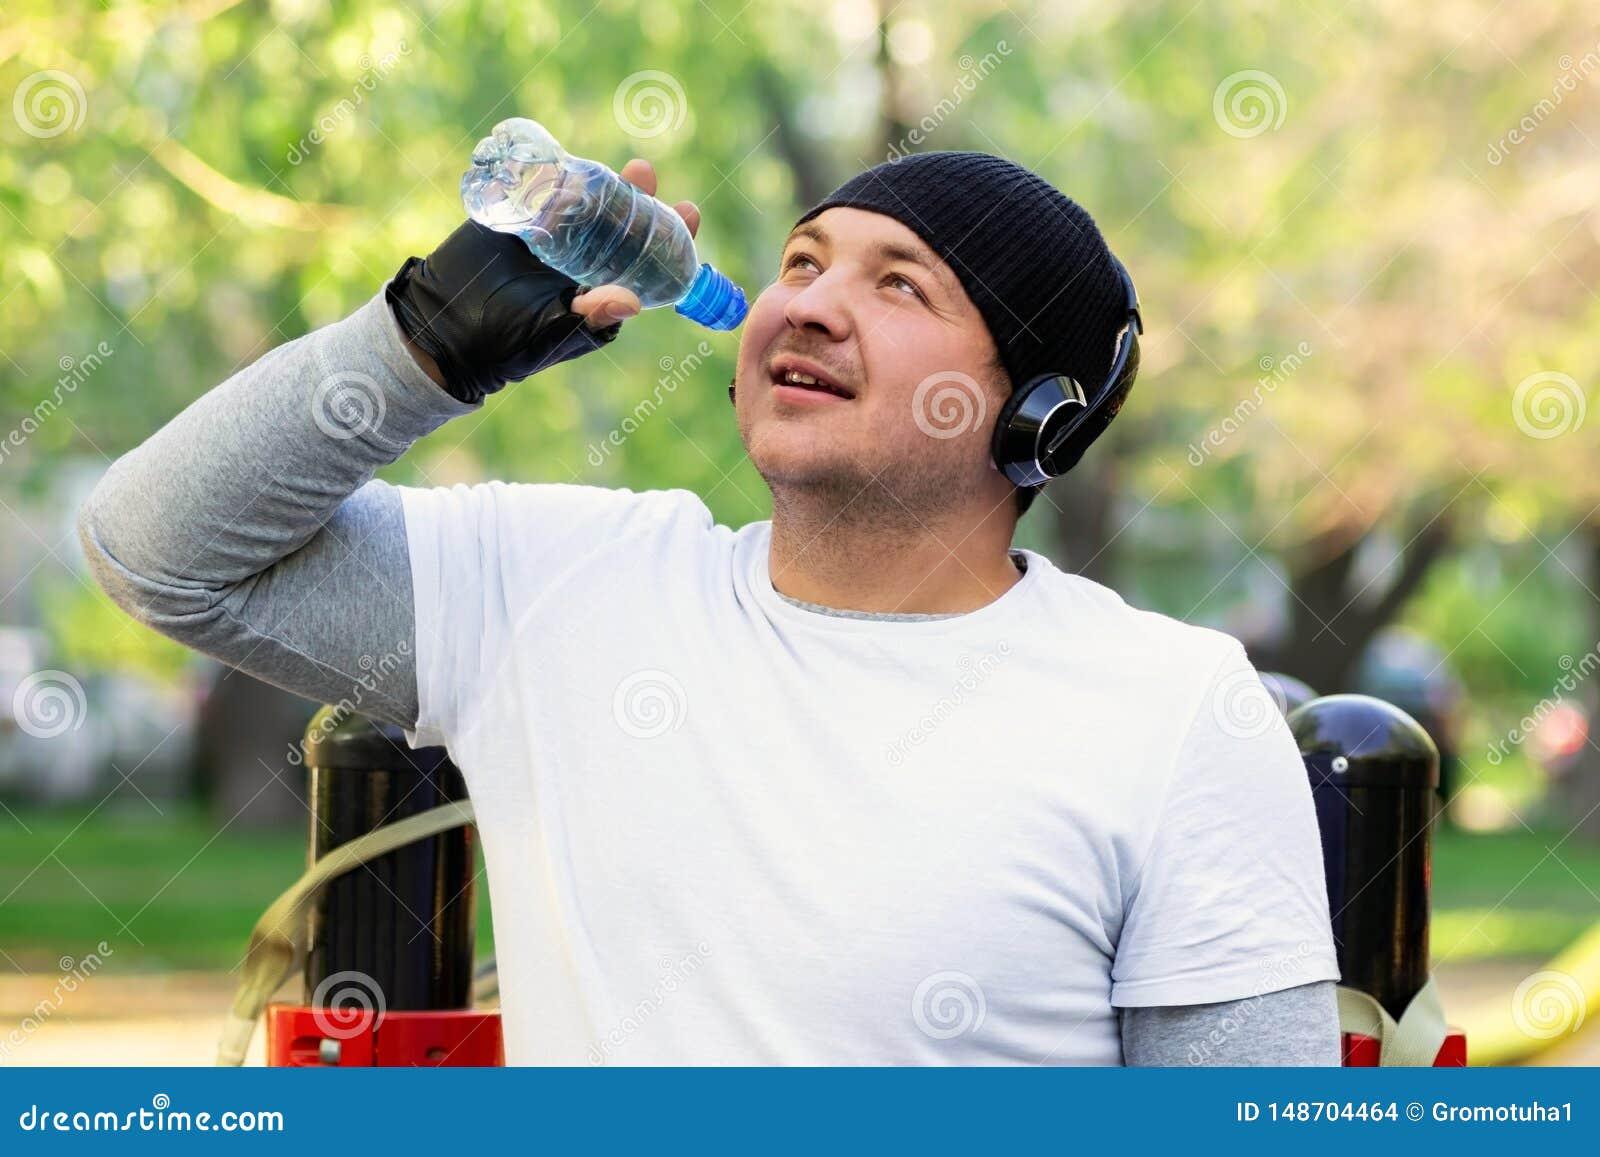 M?ody cz?owiek atleta z he?mofonami na jego g?owy woda pitna po ci??kiego treningu na ulicie Facet u?miecha si? odbiorcz? przyjem